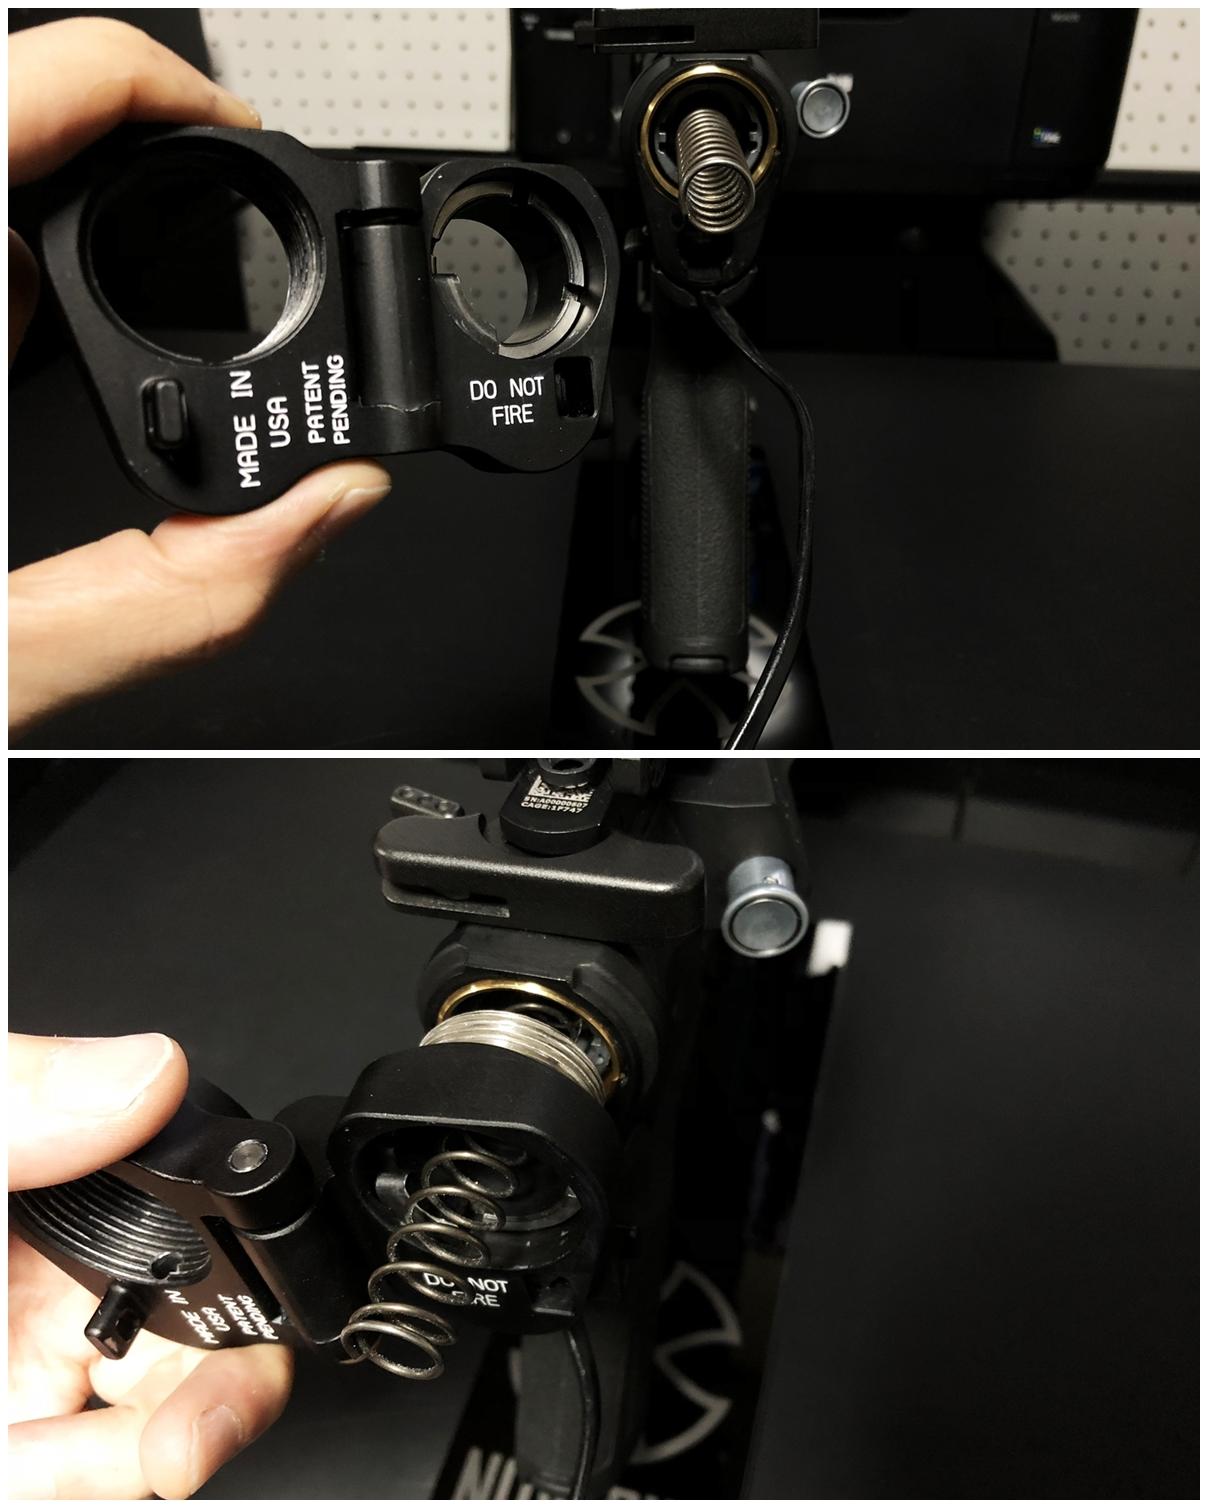 9 次世代 M4 CQB-R 電動ガン 実物 KAK SHOCKWAVE BLADE PISTOL AR-15 ストック 取付 改造 カスタム 大作戦 第7弾完結!! 最終 組み立て作業 & 初速 調整!! 実銃 ストックパイプ AR フォールディング 取付 リコイル ス